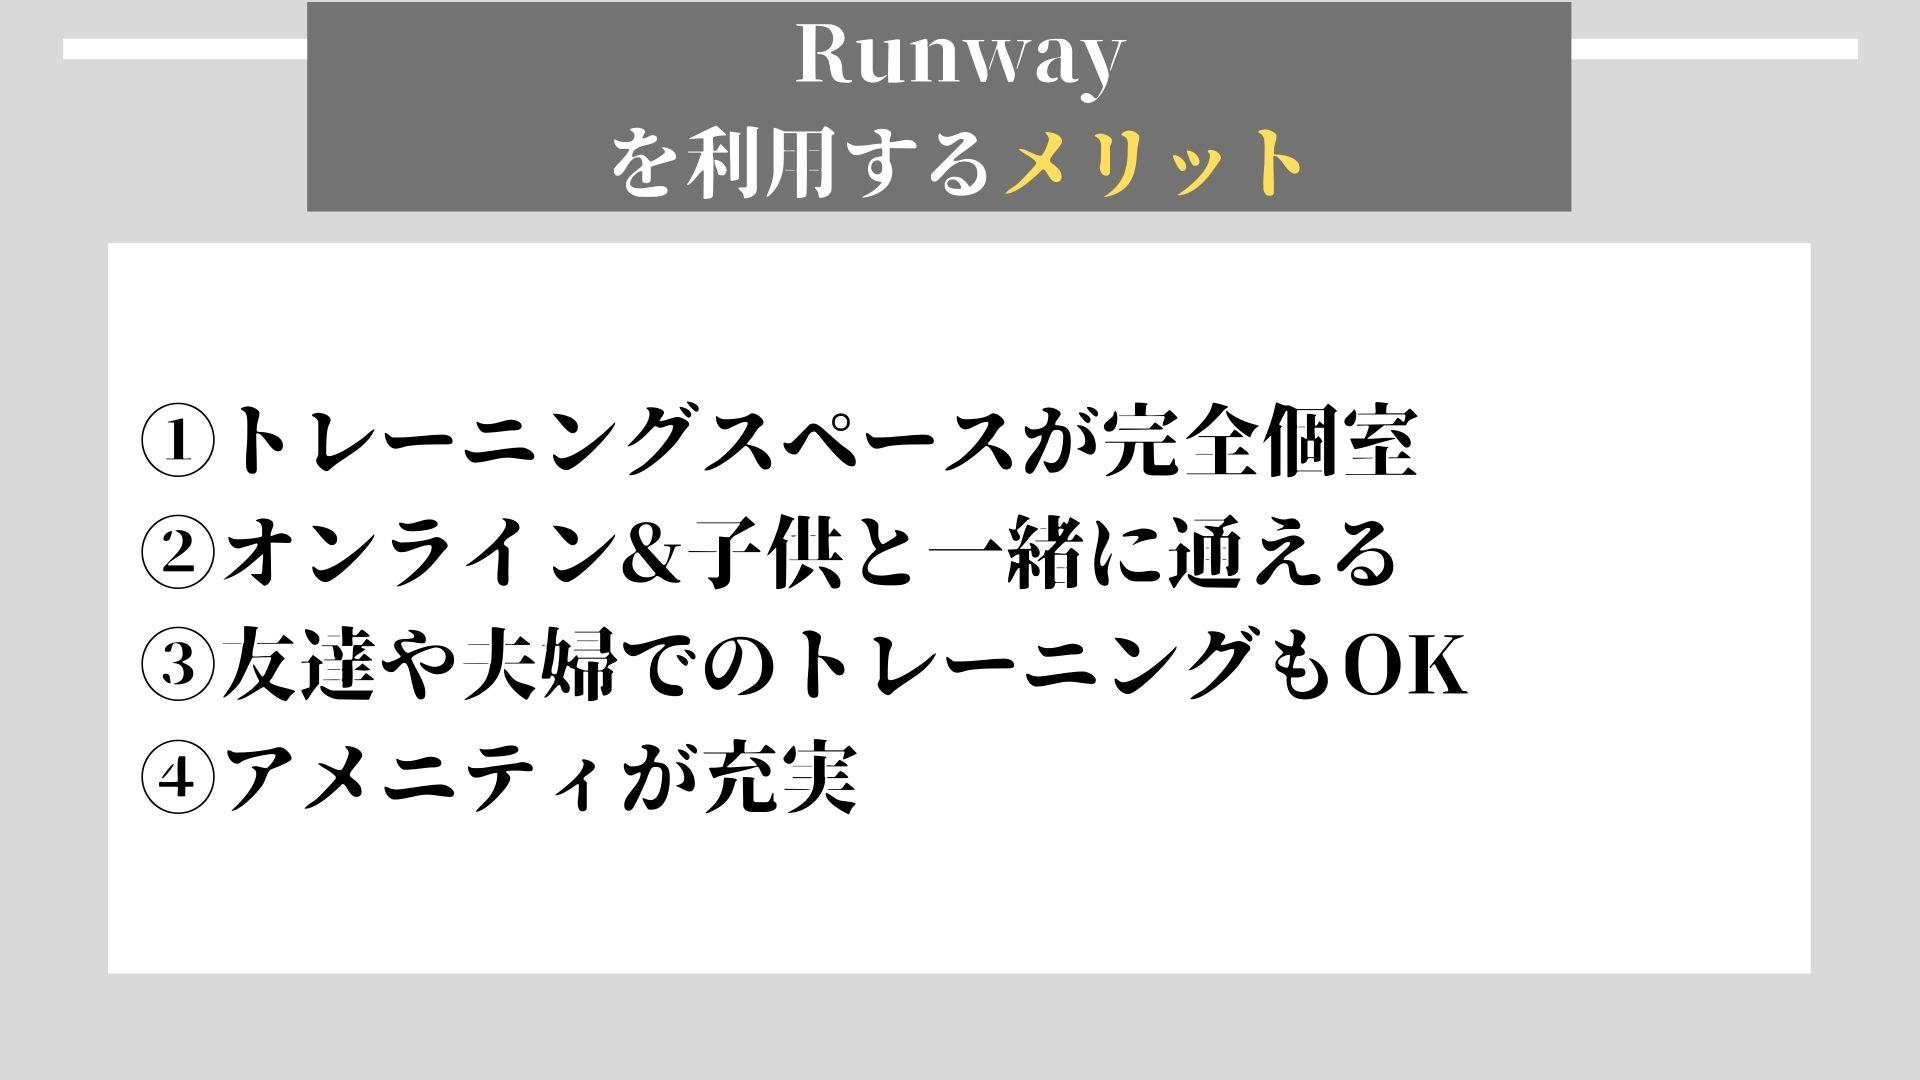 Runway メリット